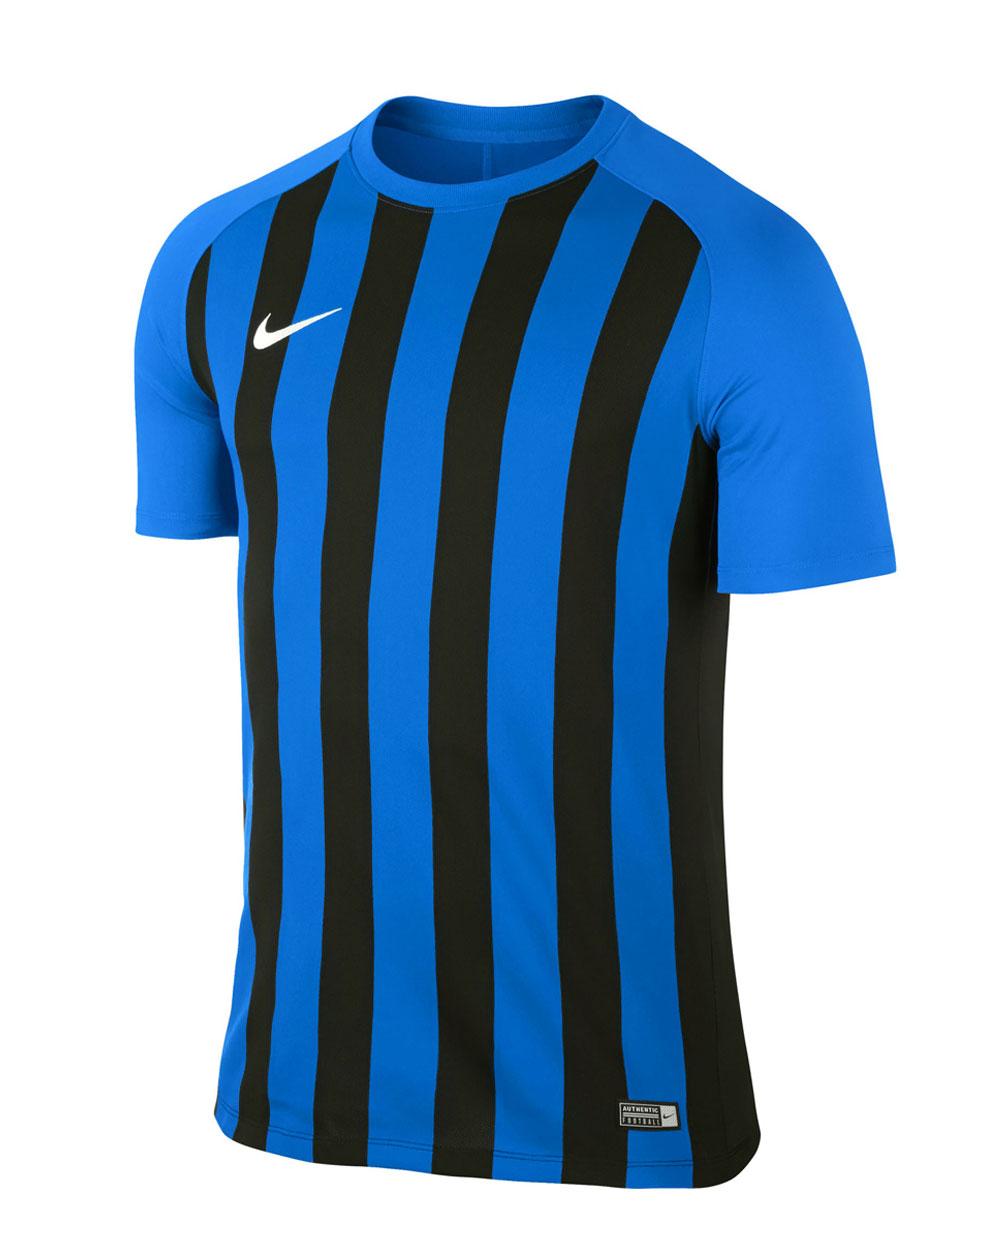 The Futbol Store - Camisetas de fútbol Nike y Adidas desde  339 6f112297719f6